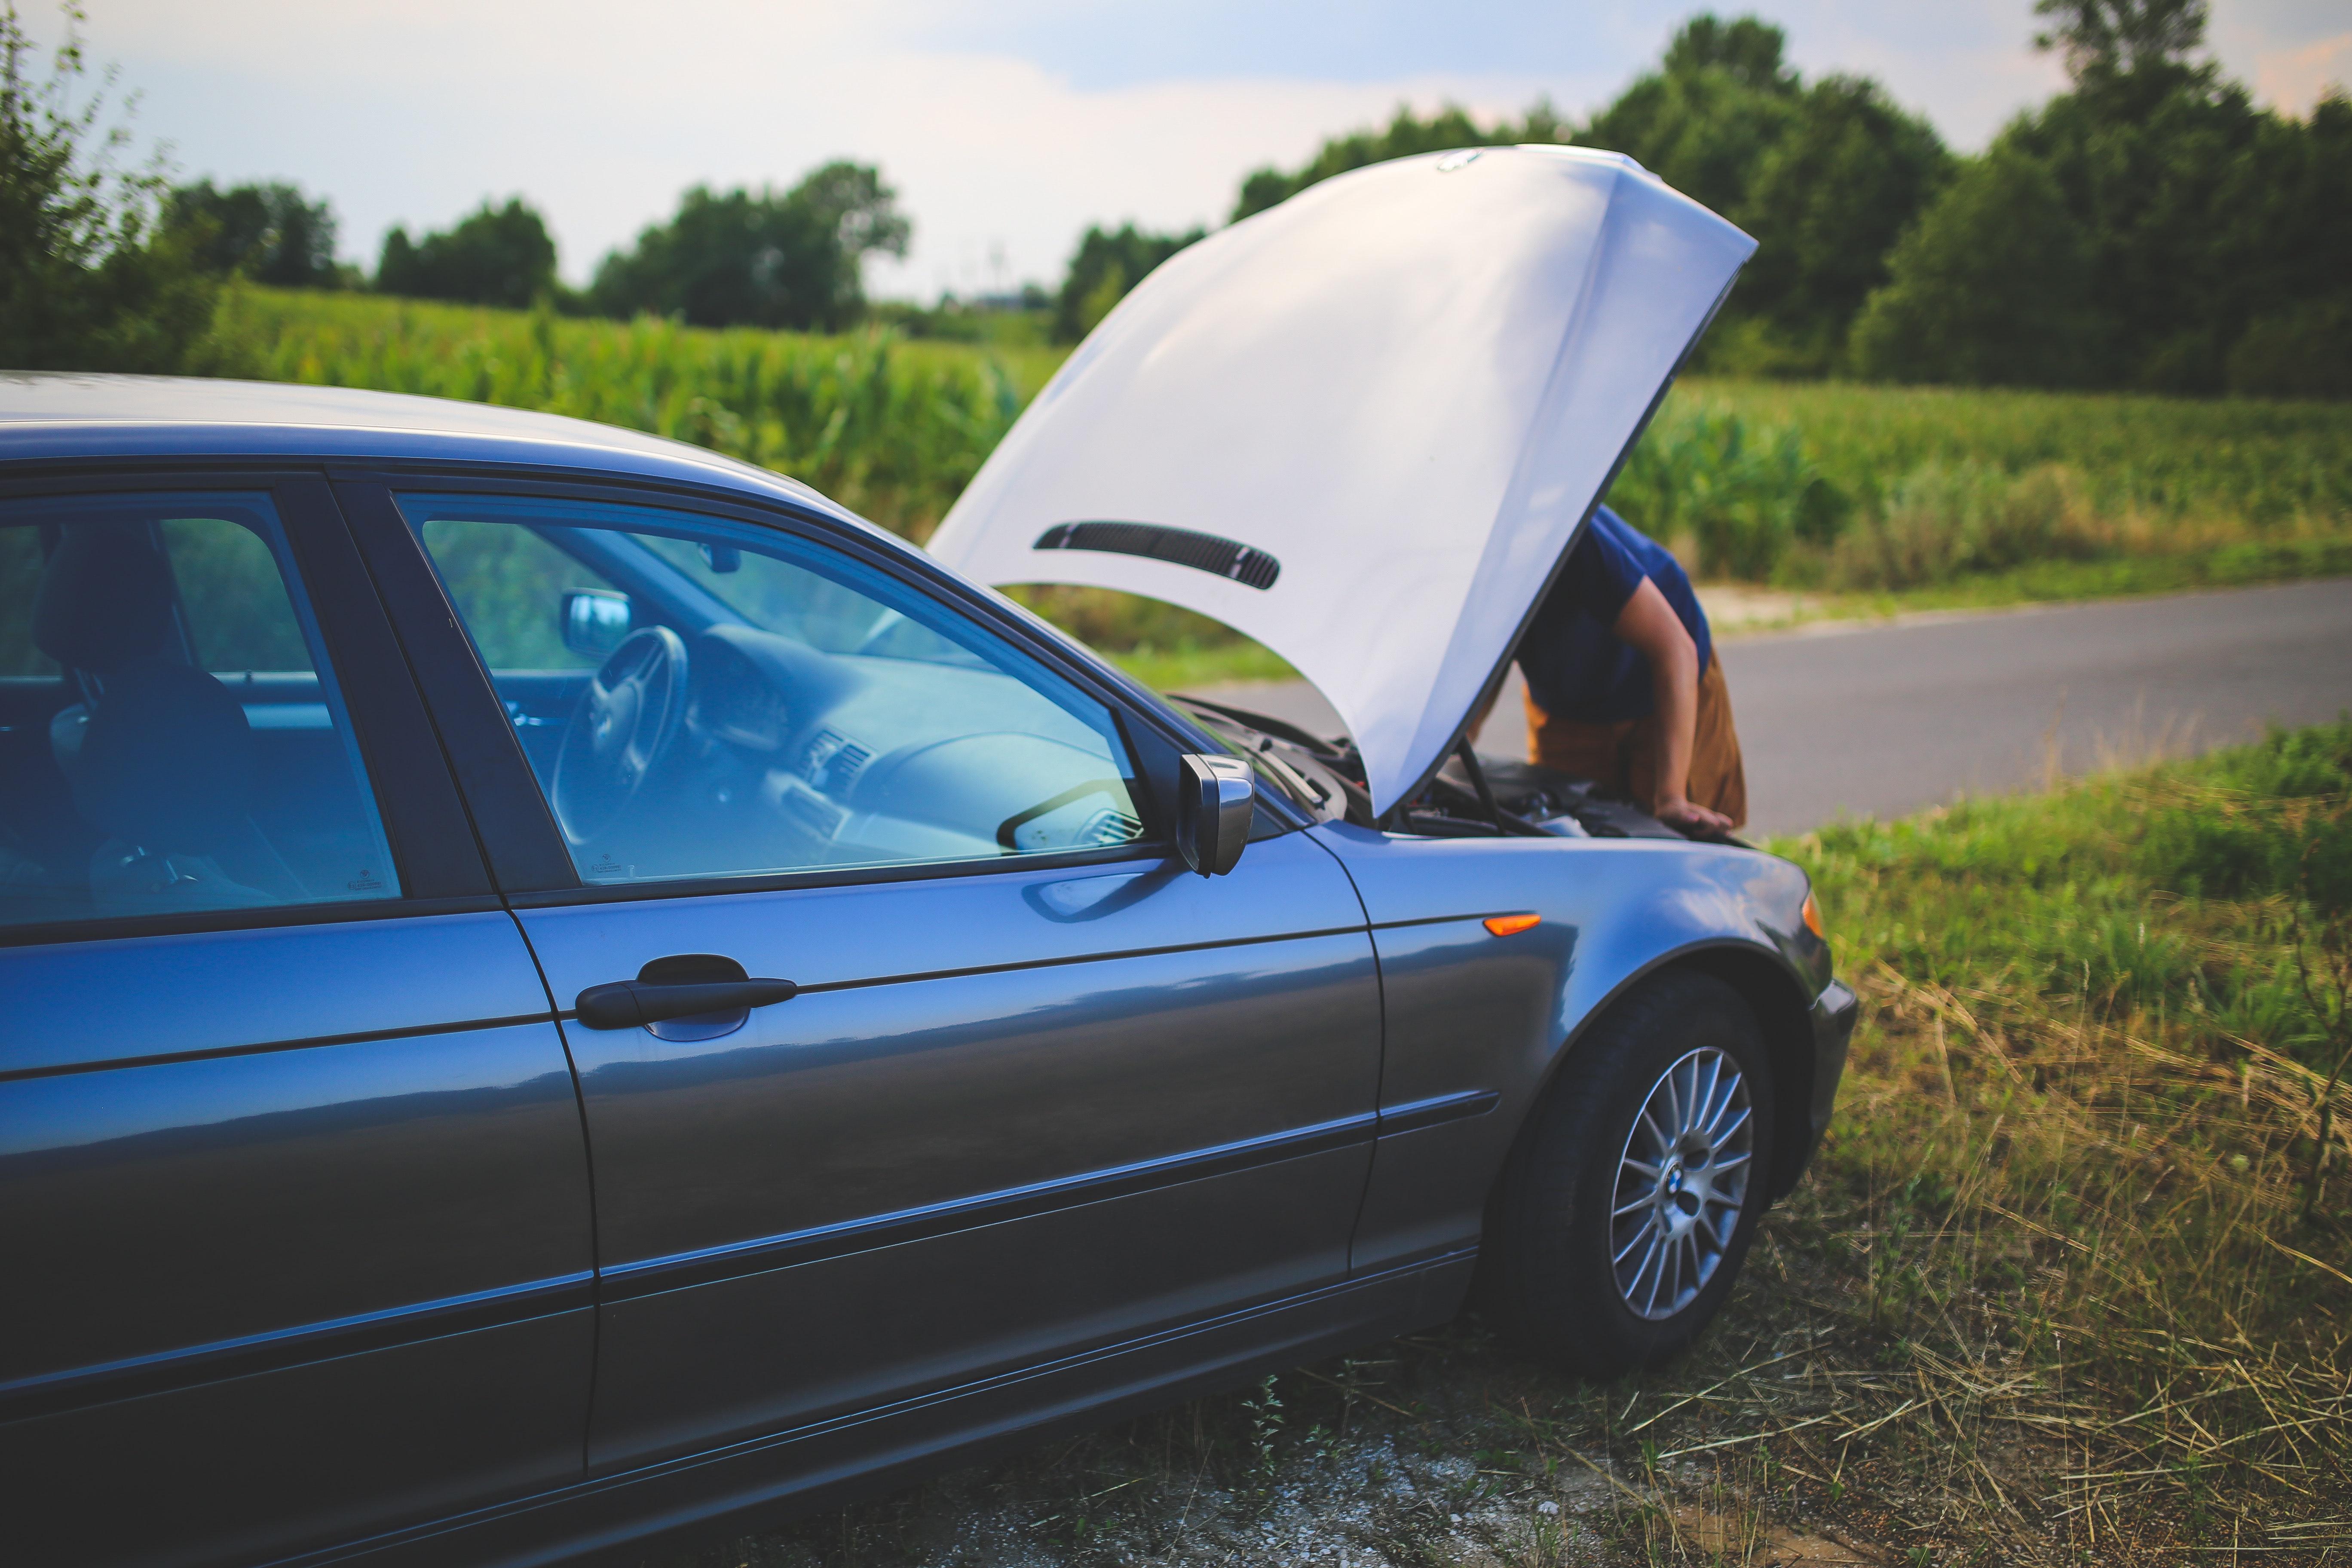 Repairing a car photo